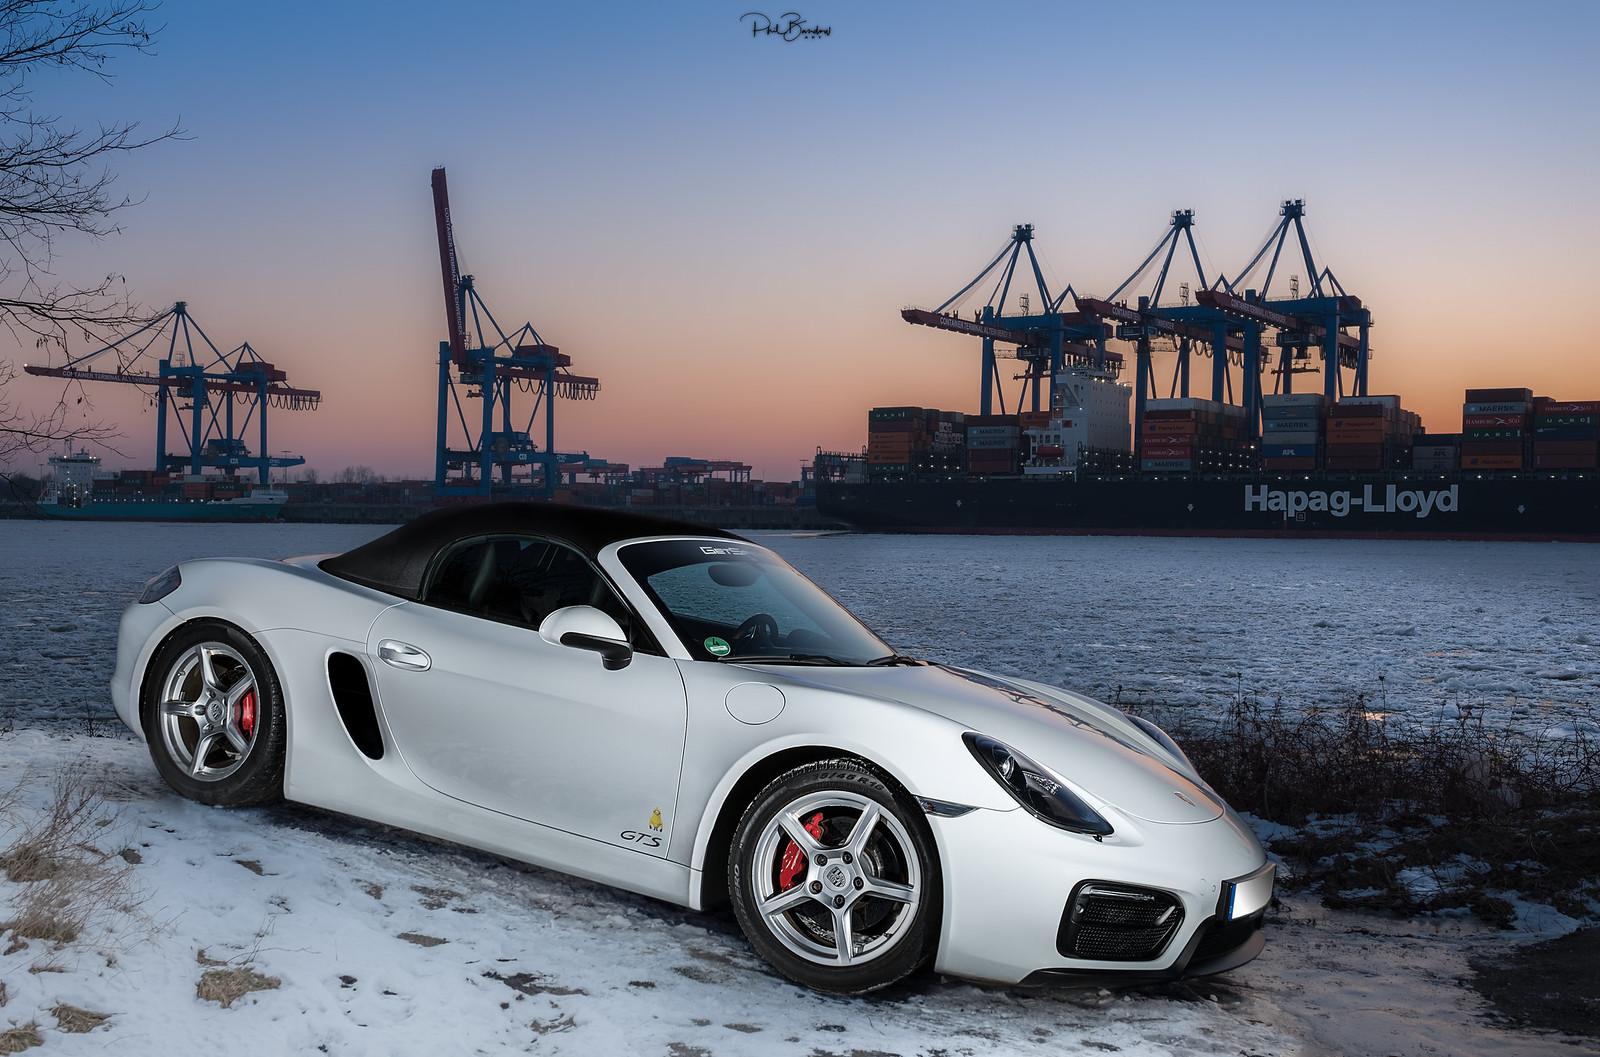 Porsche Boxster GTS, Fujifilm X-T2, XF23mmF1.4 R